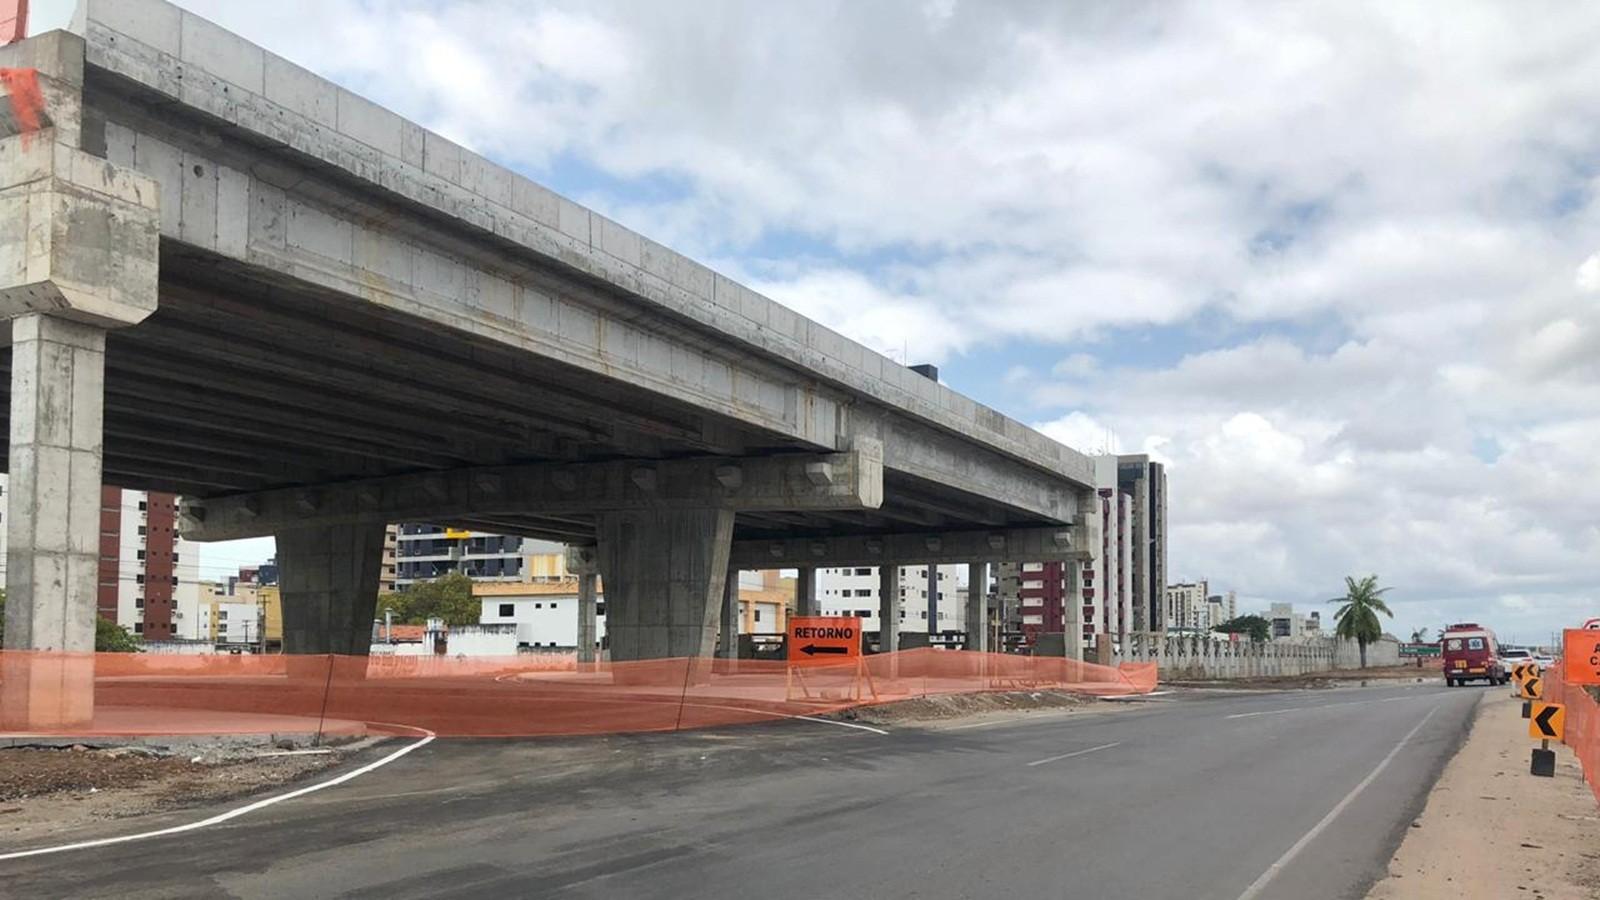 Tráfego no 'retorno de Intermares' na BR-230 é liberado pelo DNIT, em Cabedelo, PB - Notícias - Plantão Diário